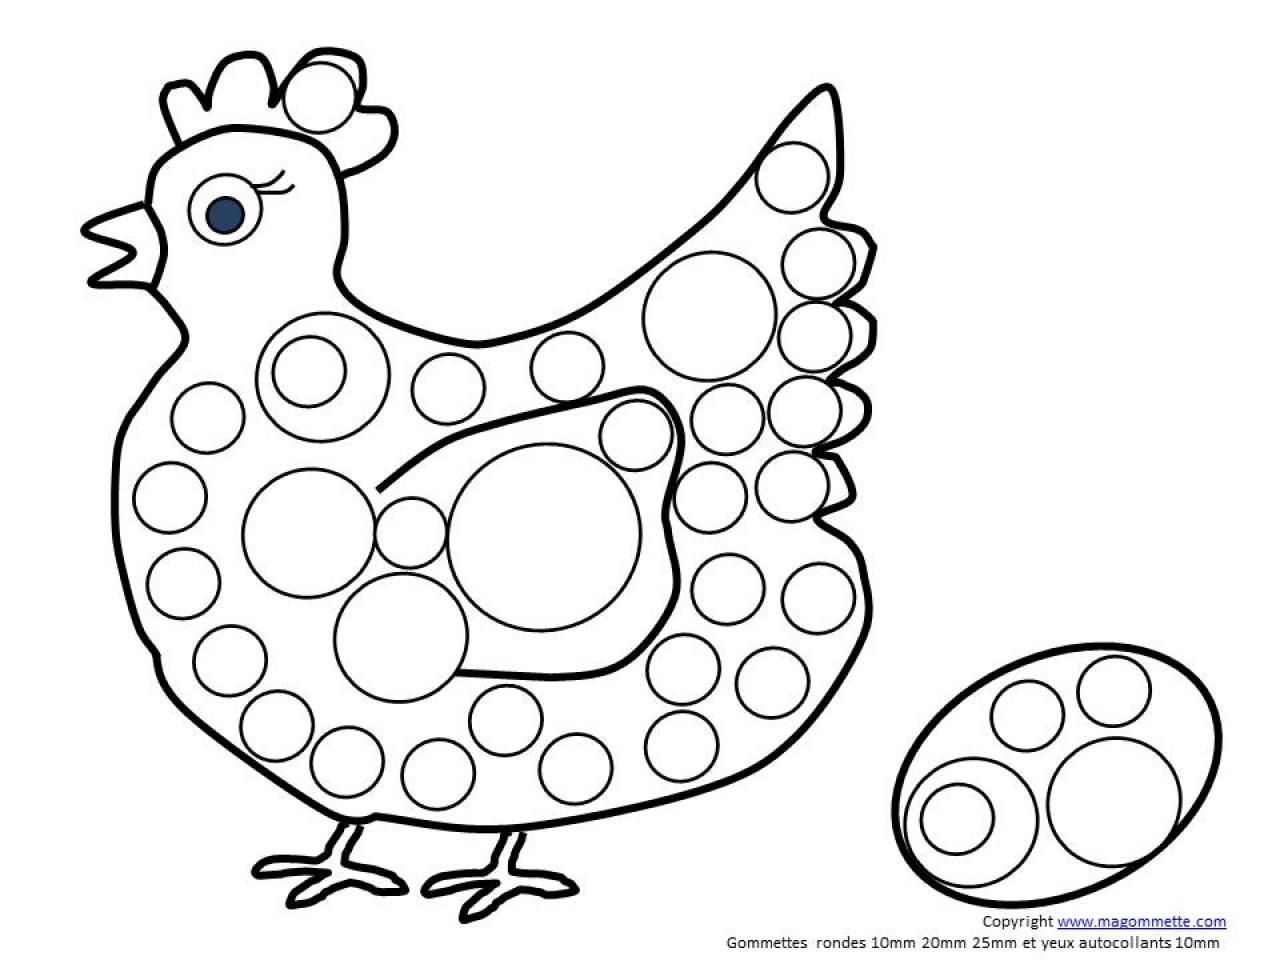 20 dessins de coloriage poule a imprimer gratuit imprimer - Coloriage paques maternelle ...